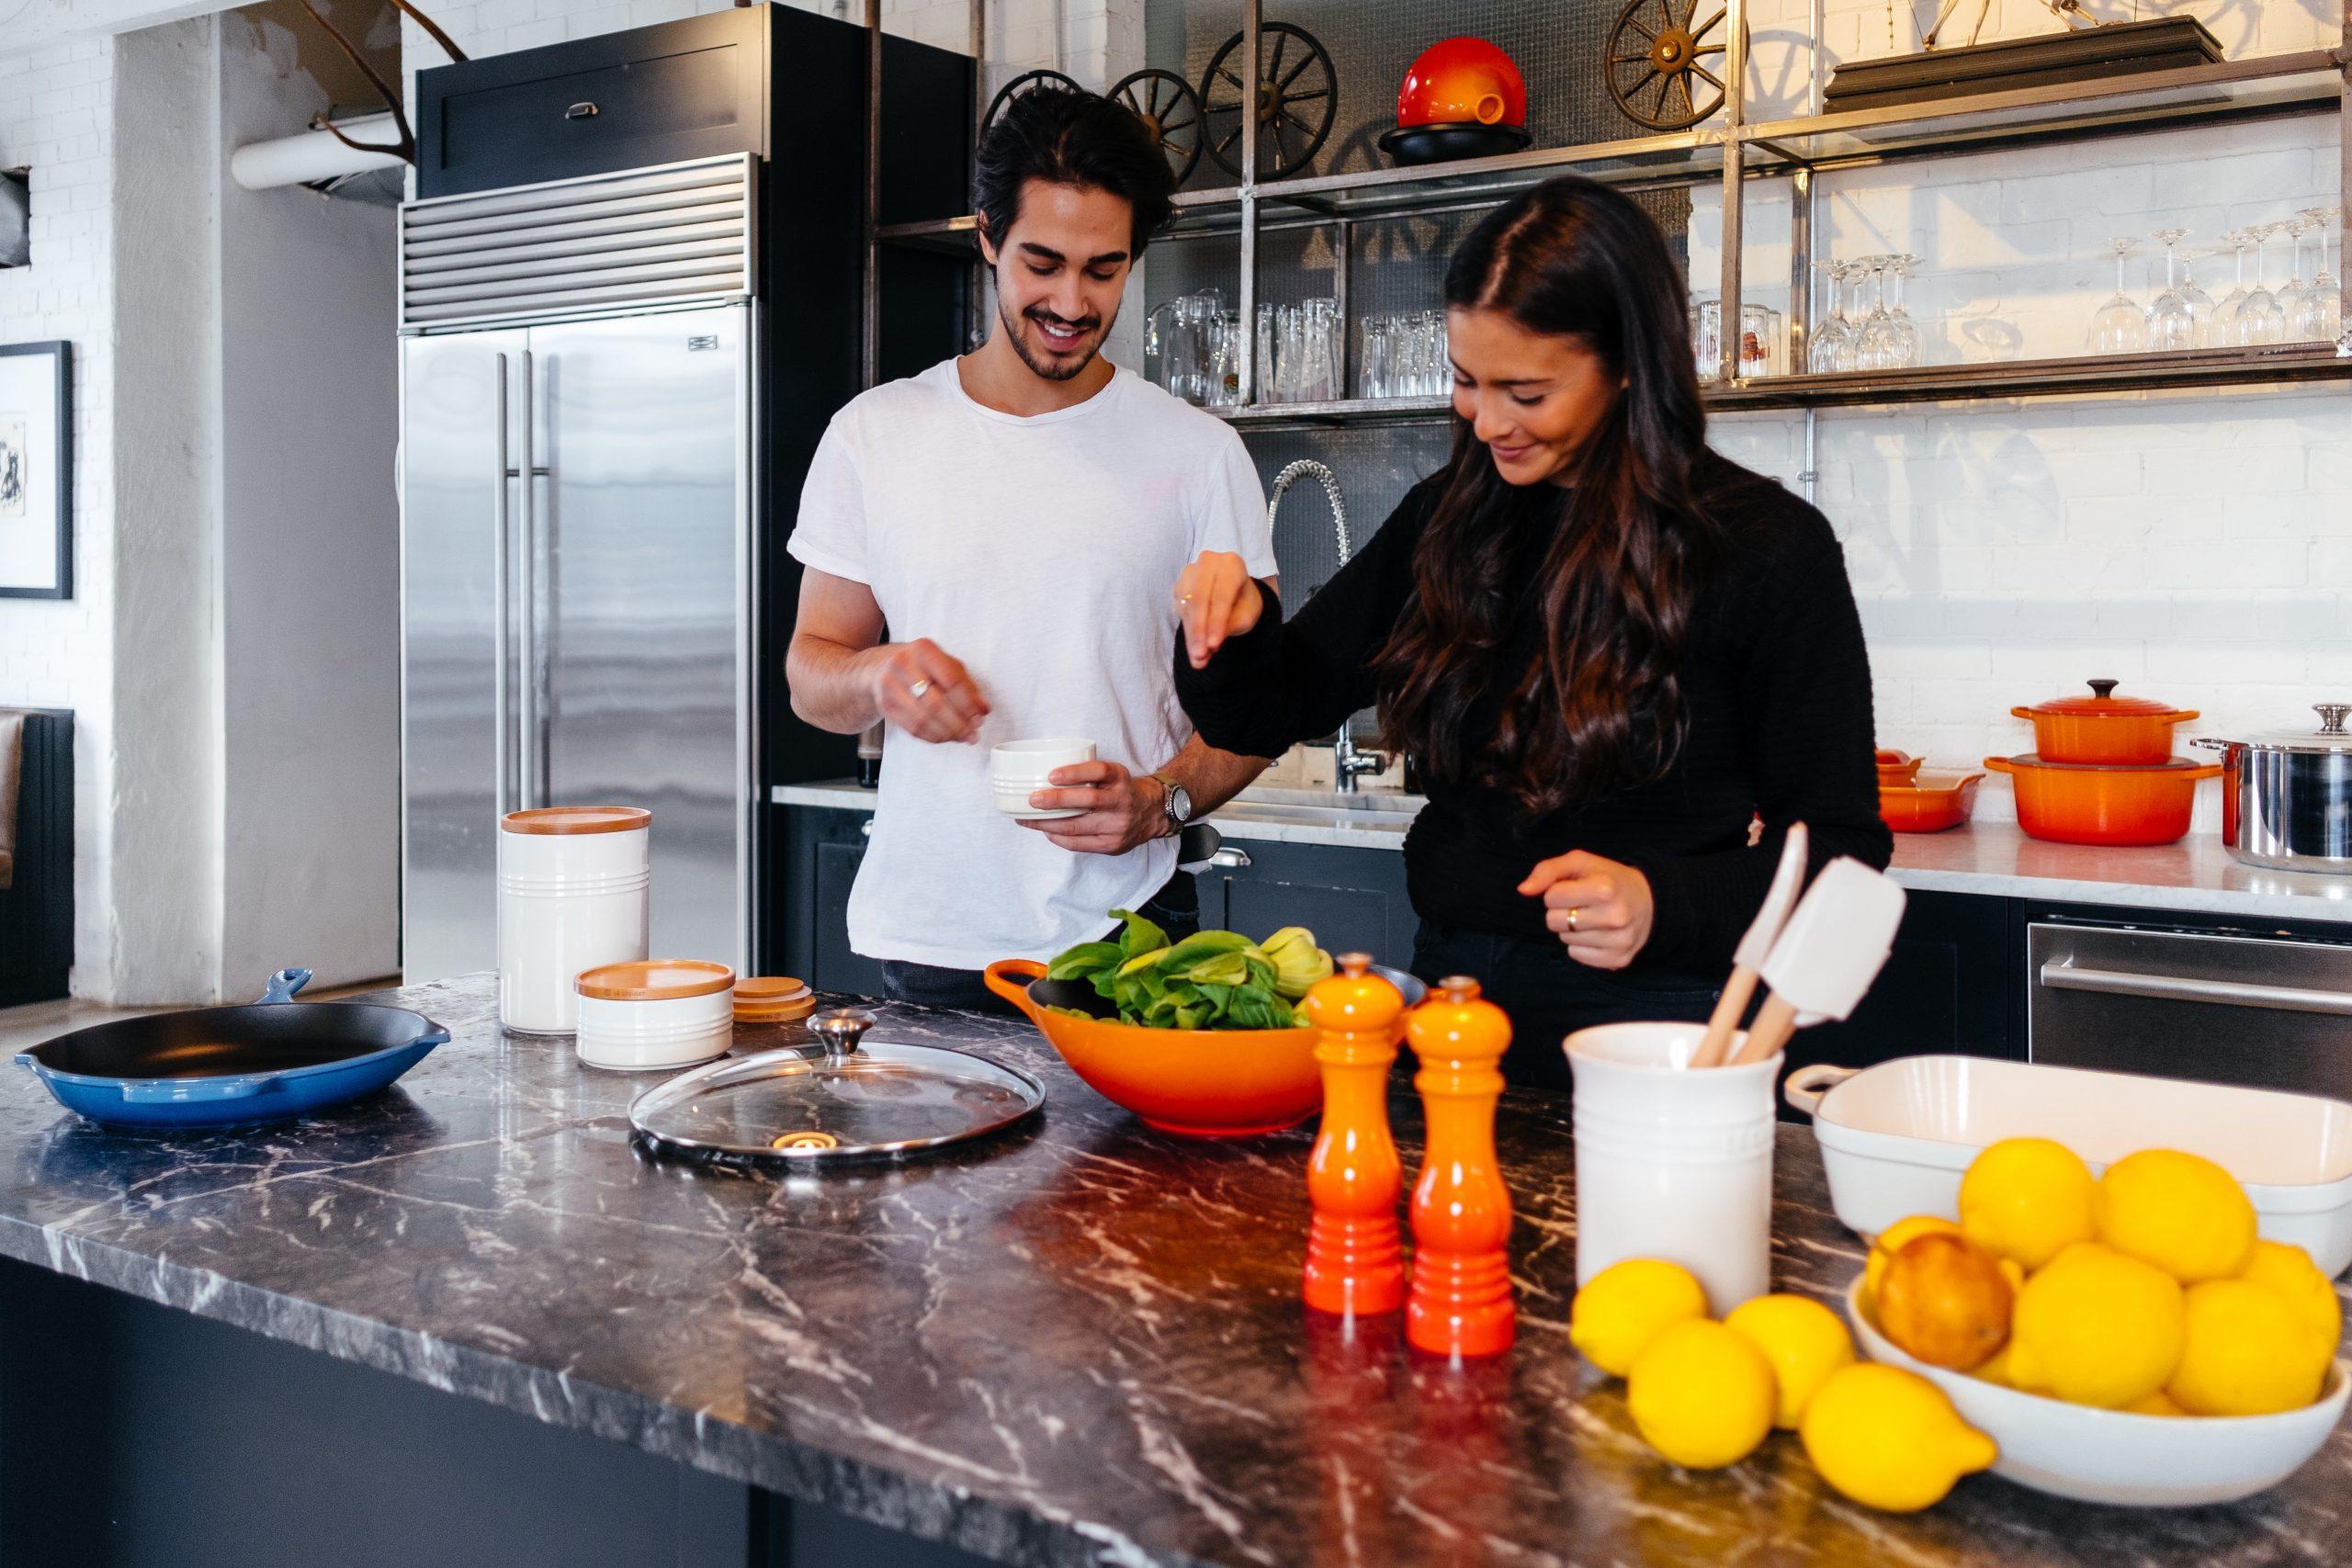 geen zin om te koken slimme tips